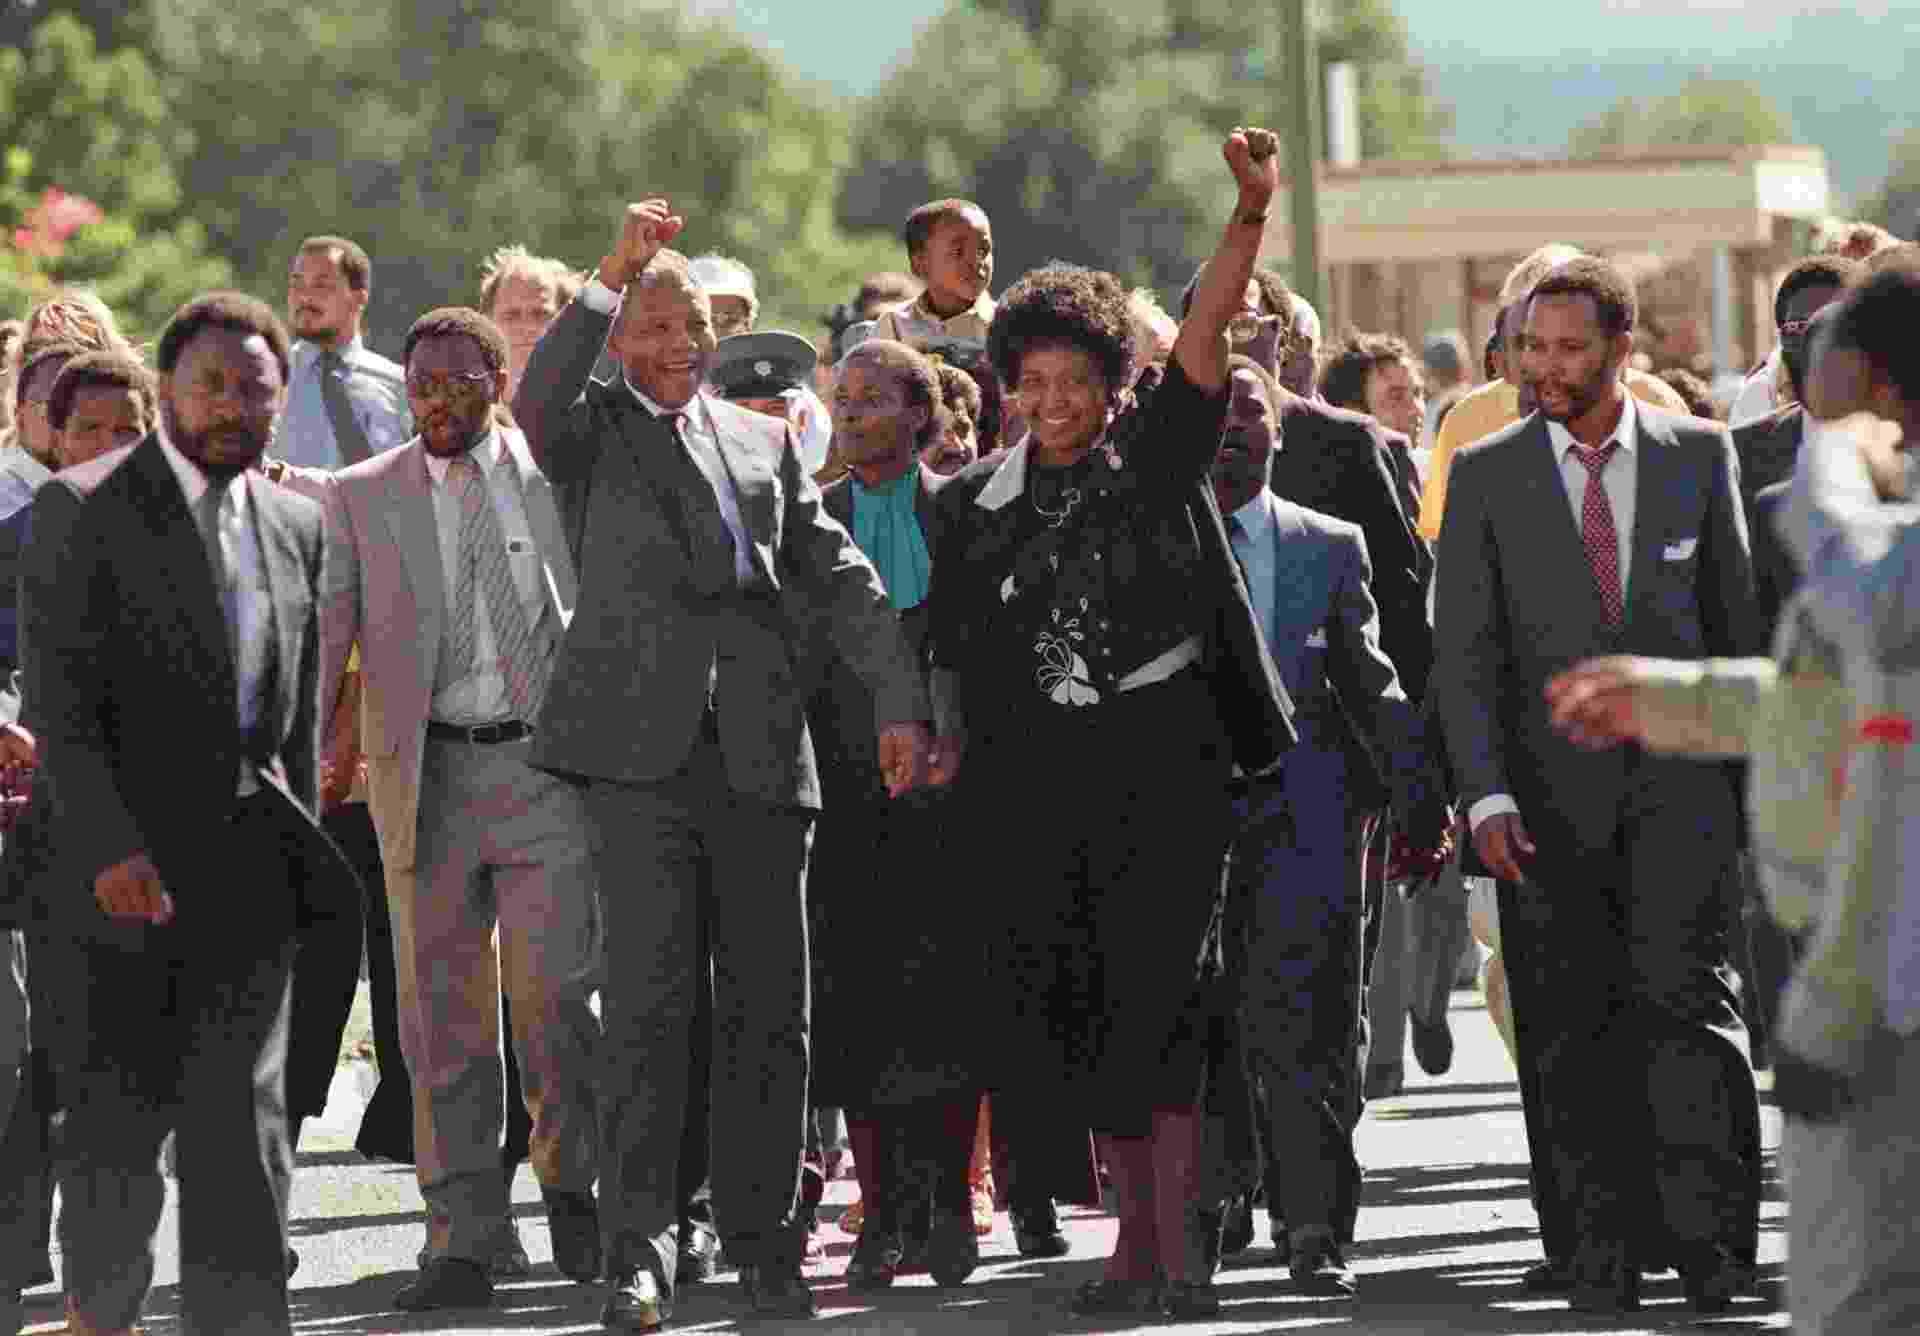 Nelson Mandela deixa a prisão Victor Verster em 11 de fevereiro de 1990; ele ficou 27 anos preso na África do Sul na época do regime do apartheid - AFP